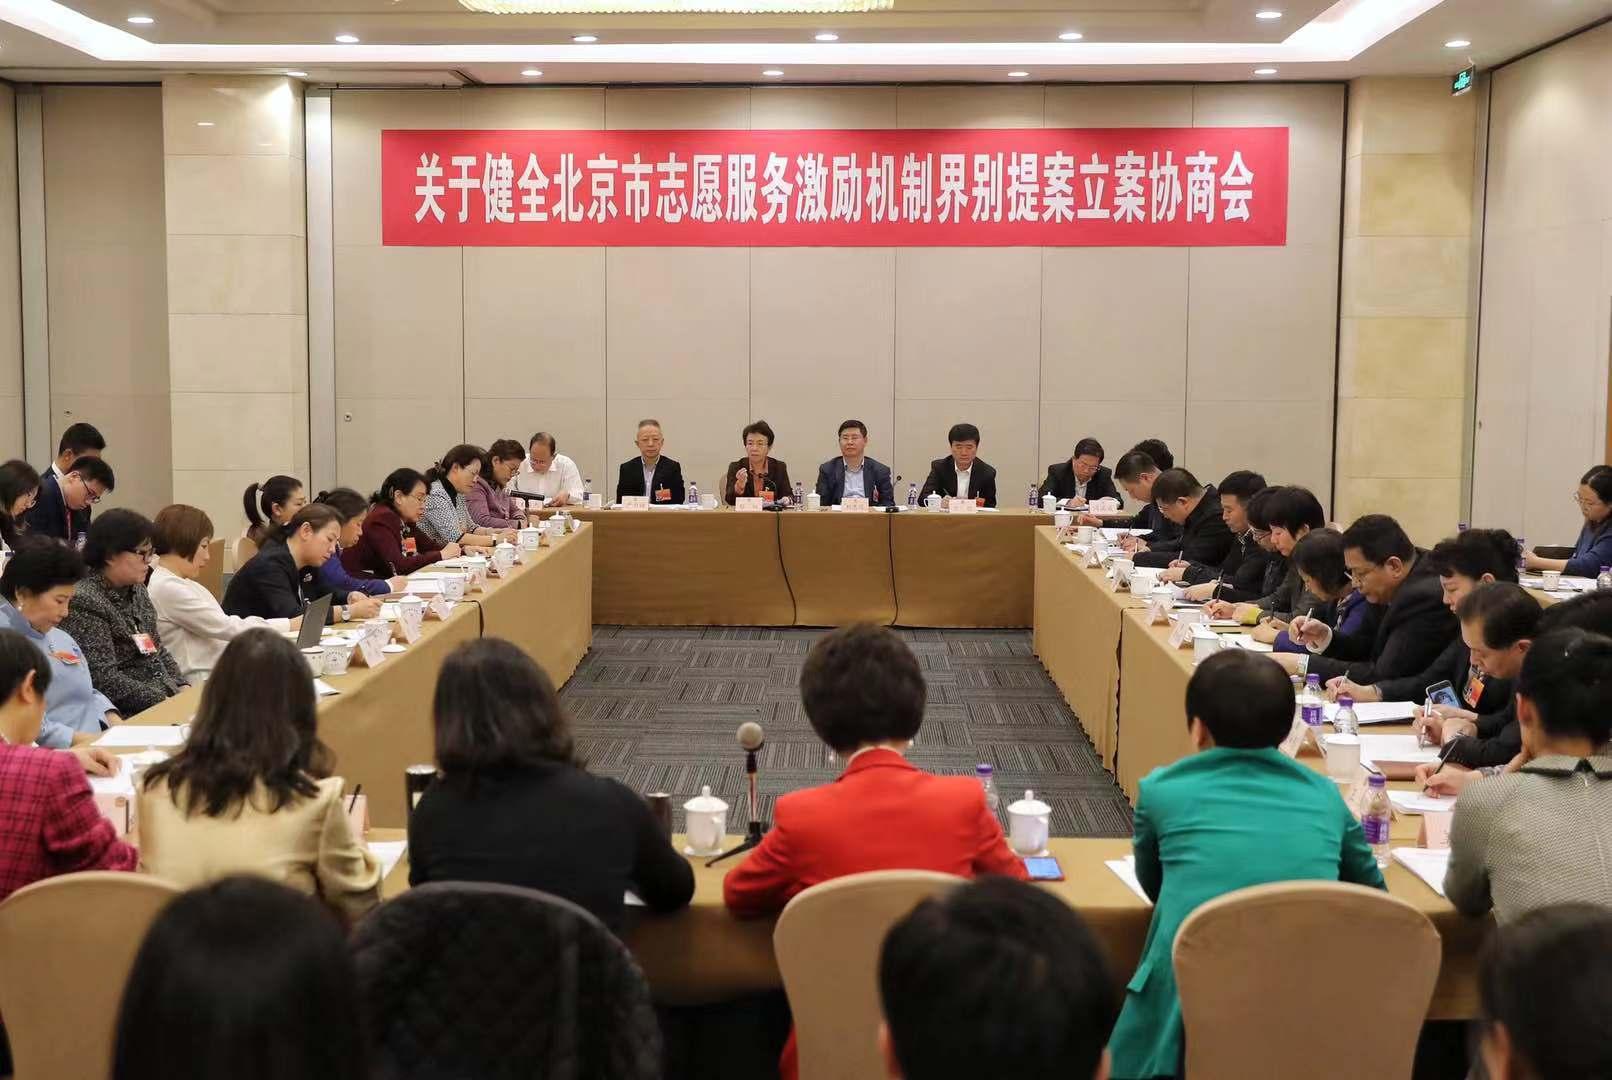 2020年1月12日,关于健全北京市志愿服务激励机制界别提案立案协商会。摄影/新京报记者 王贵彬